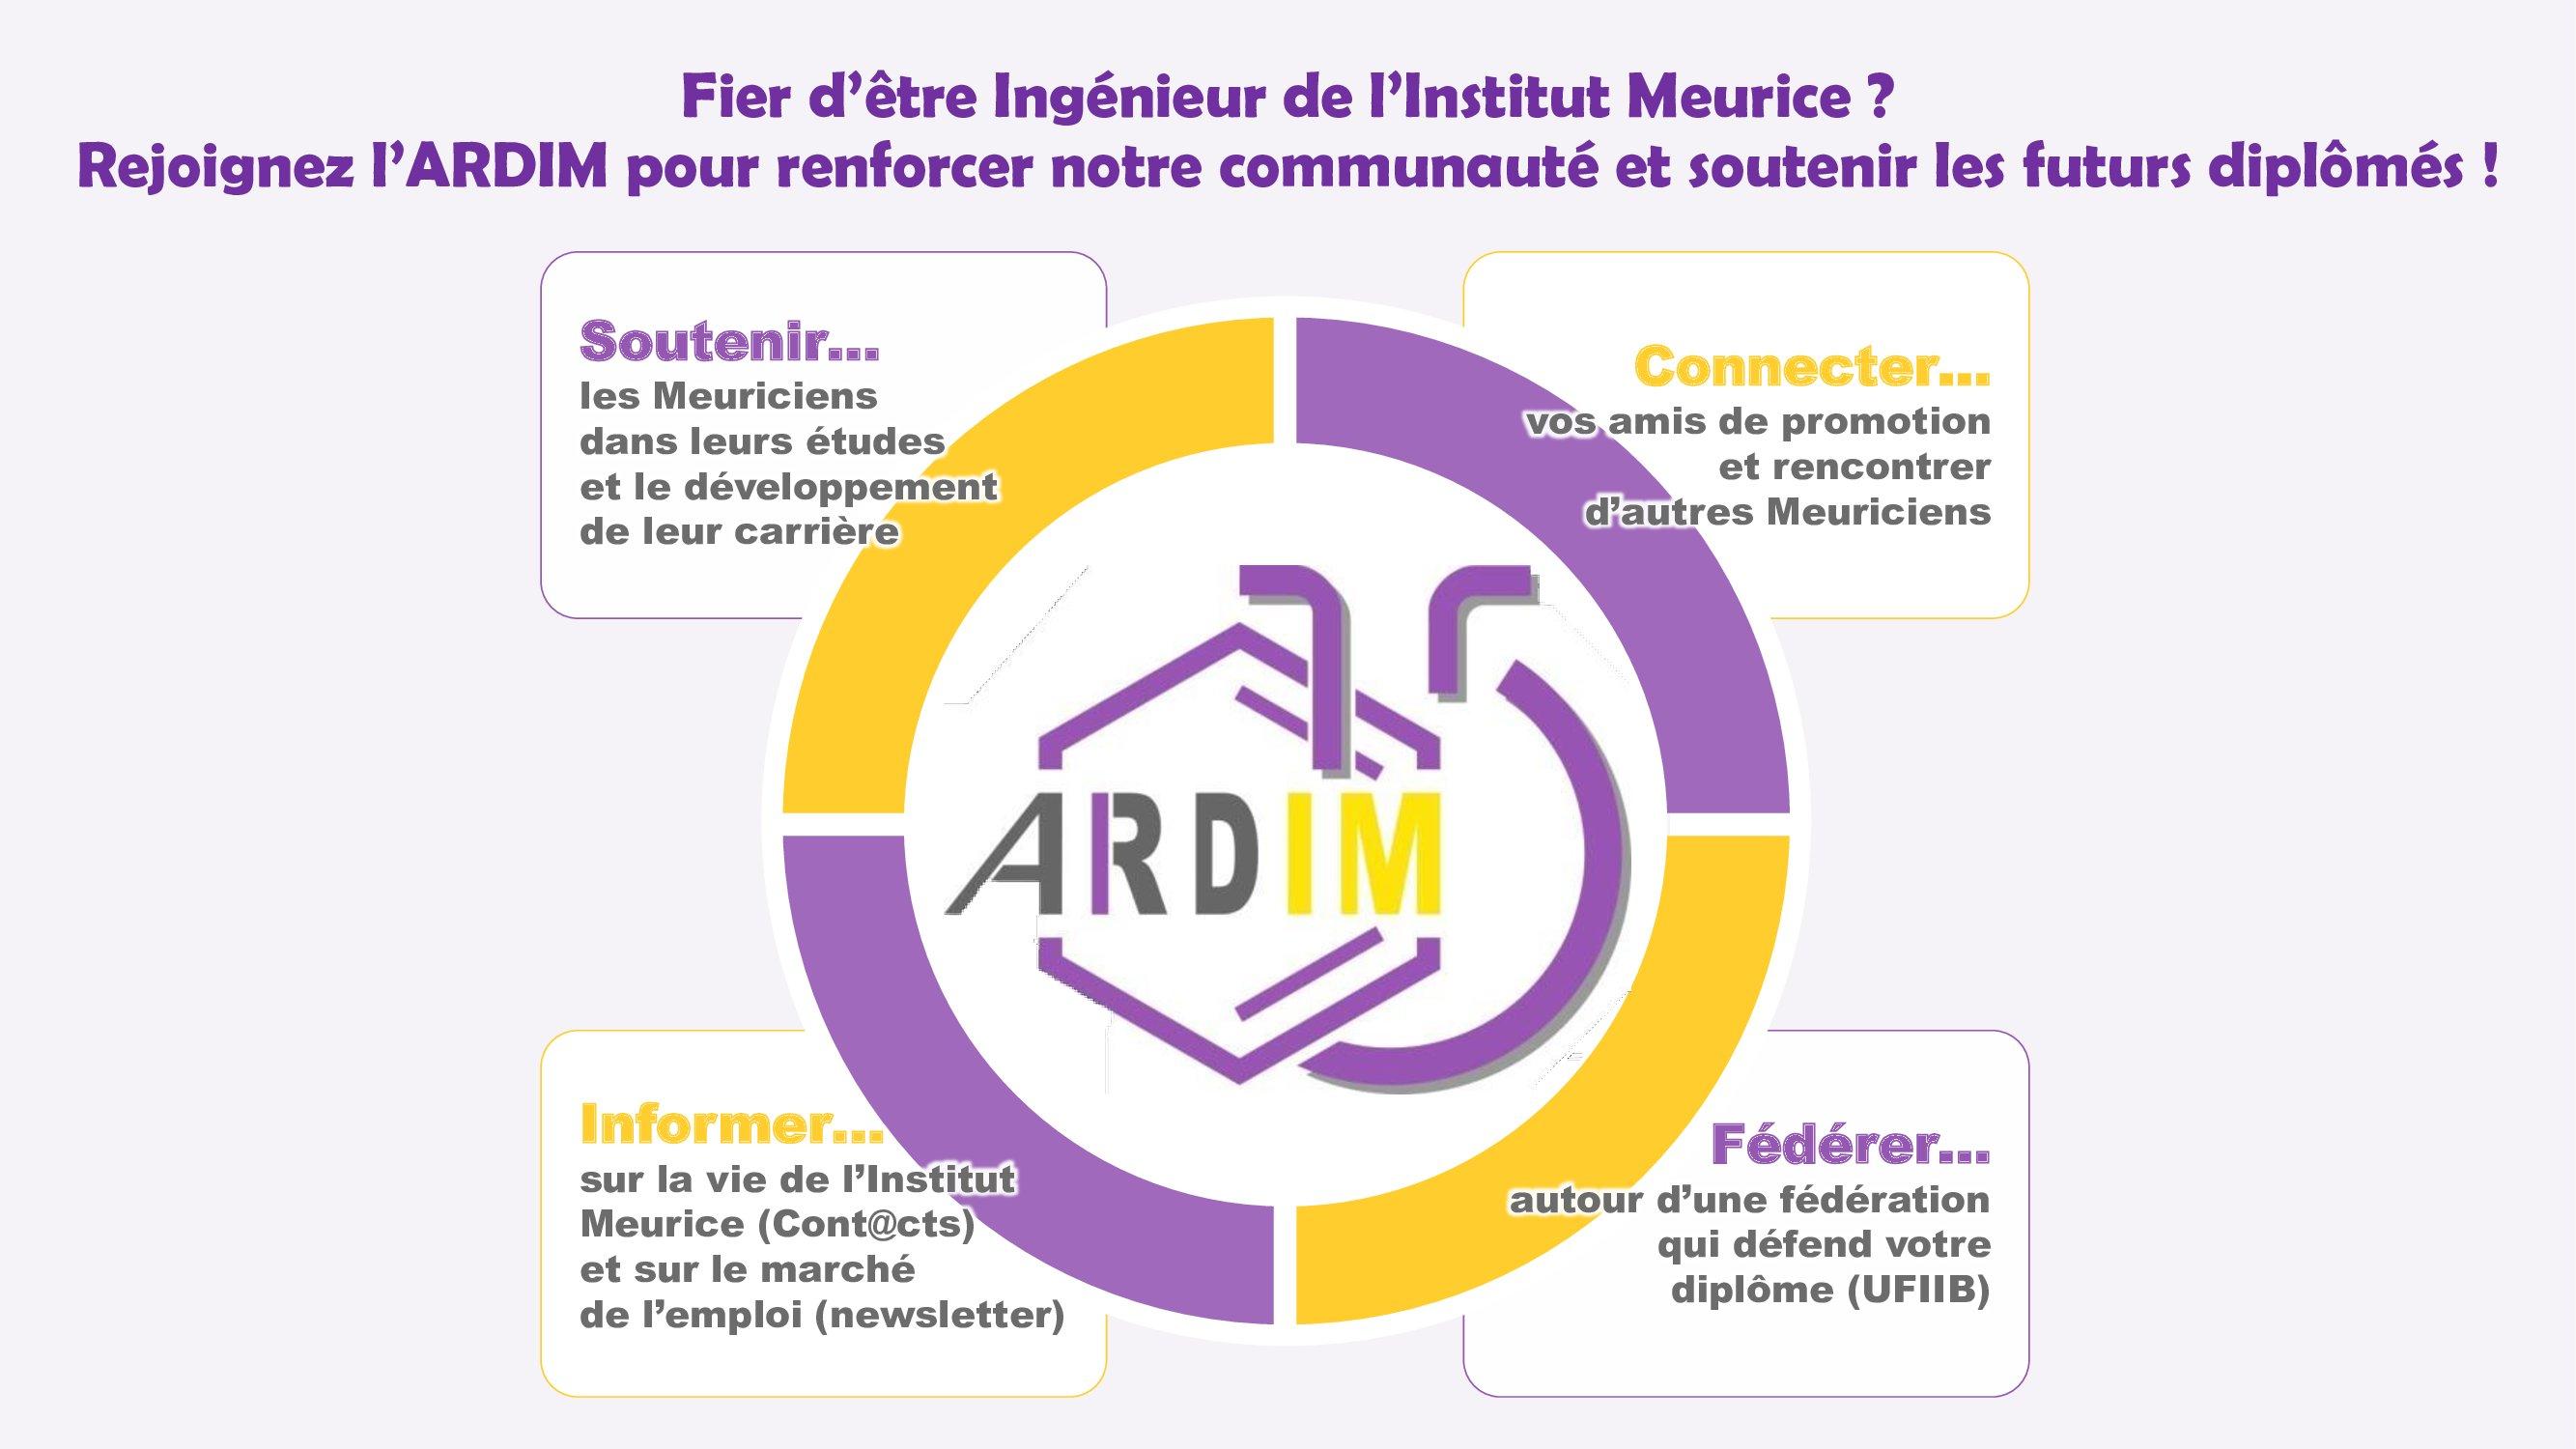 Les mission de l'ARDIM